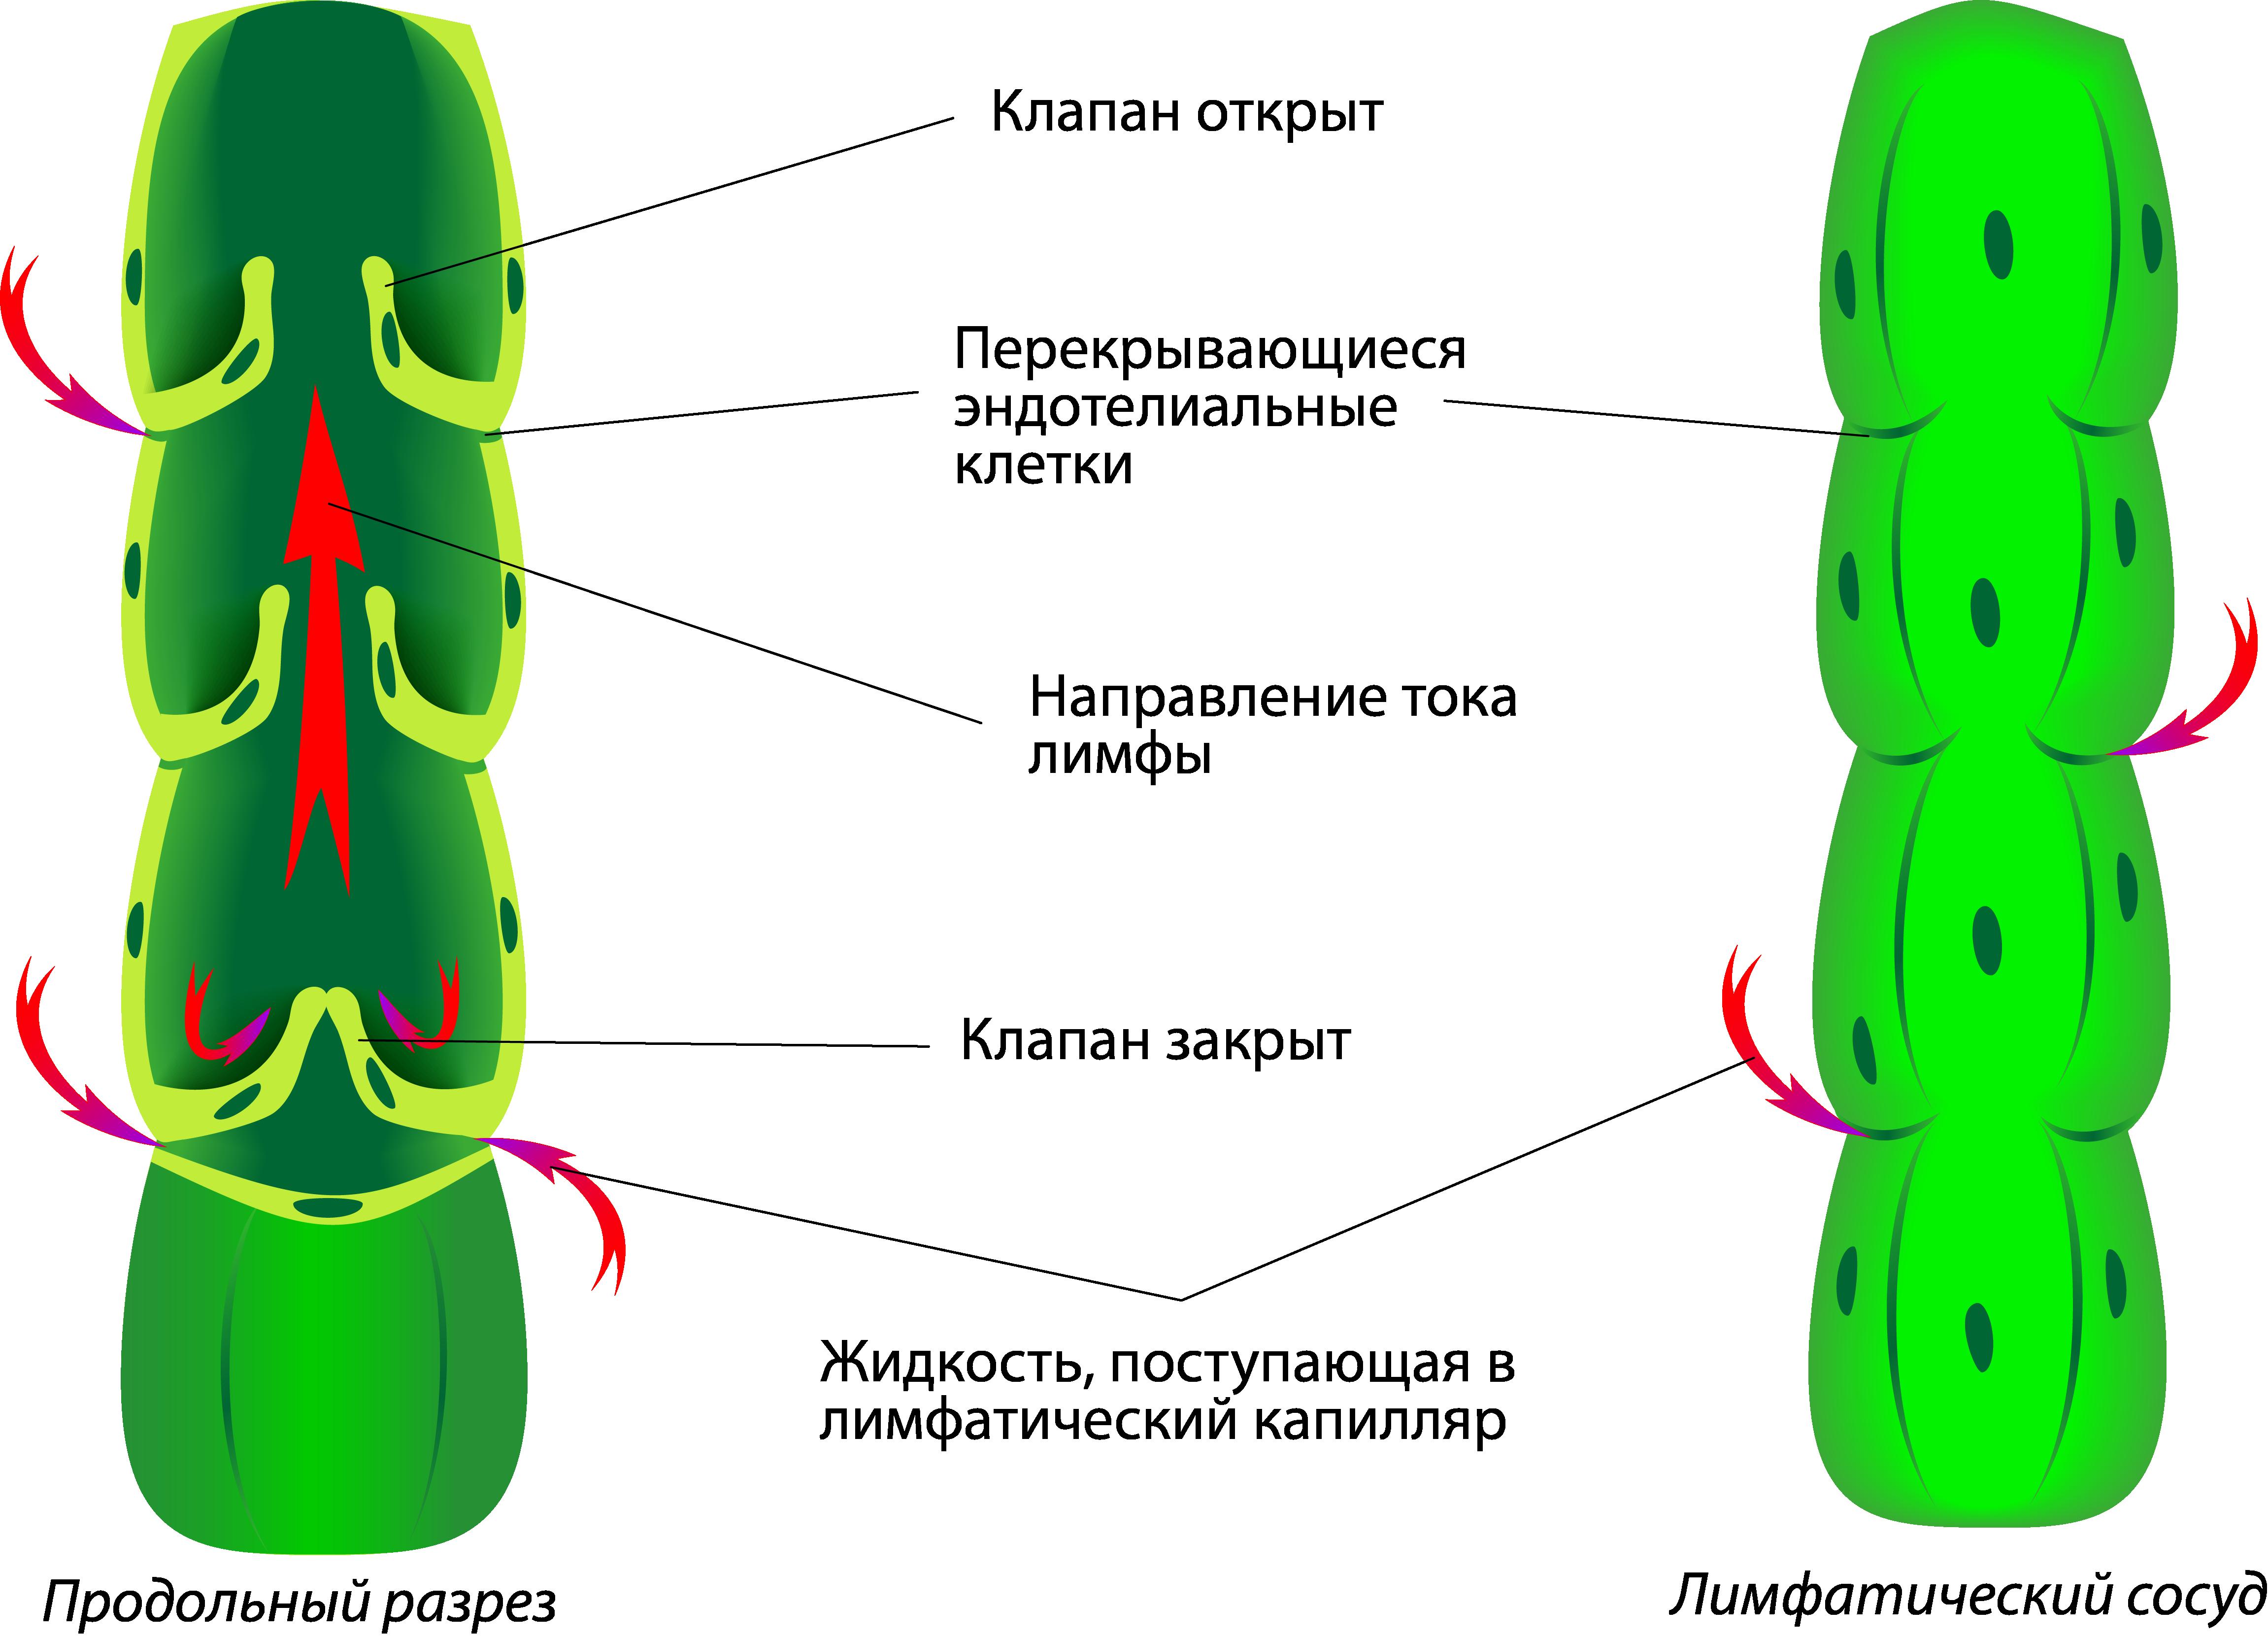 сосуды лимфатической системы